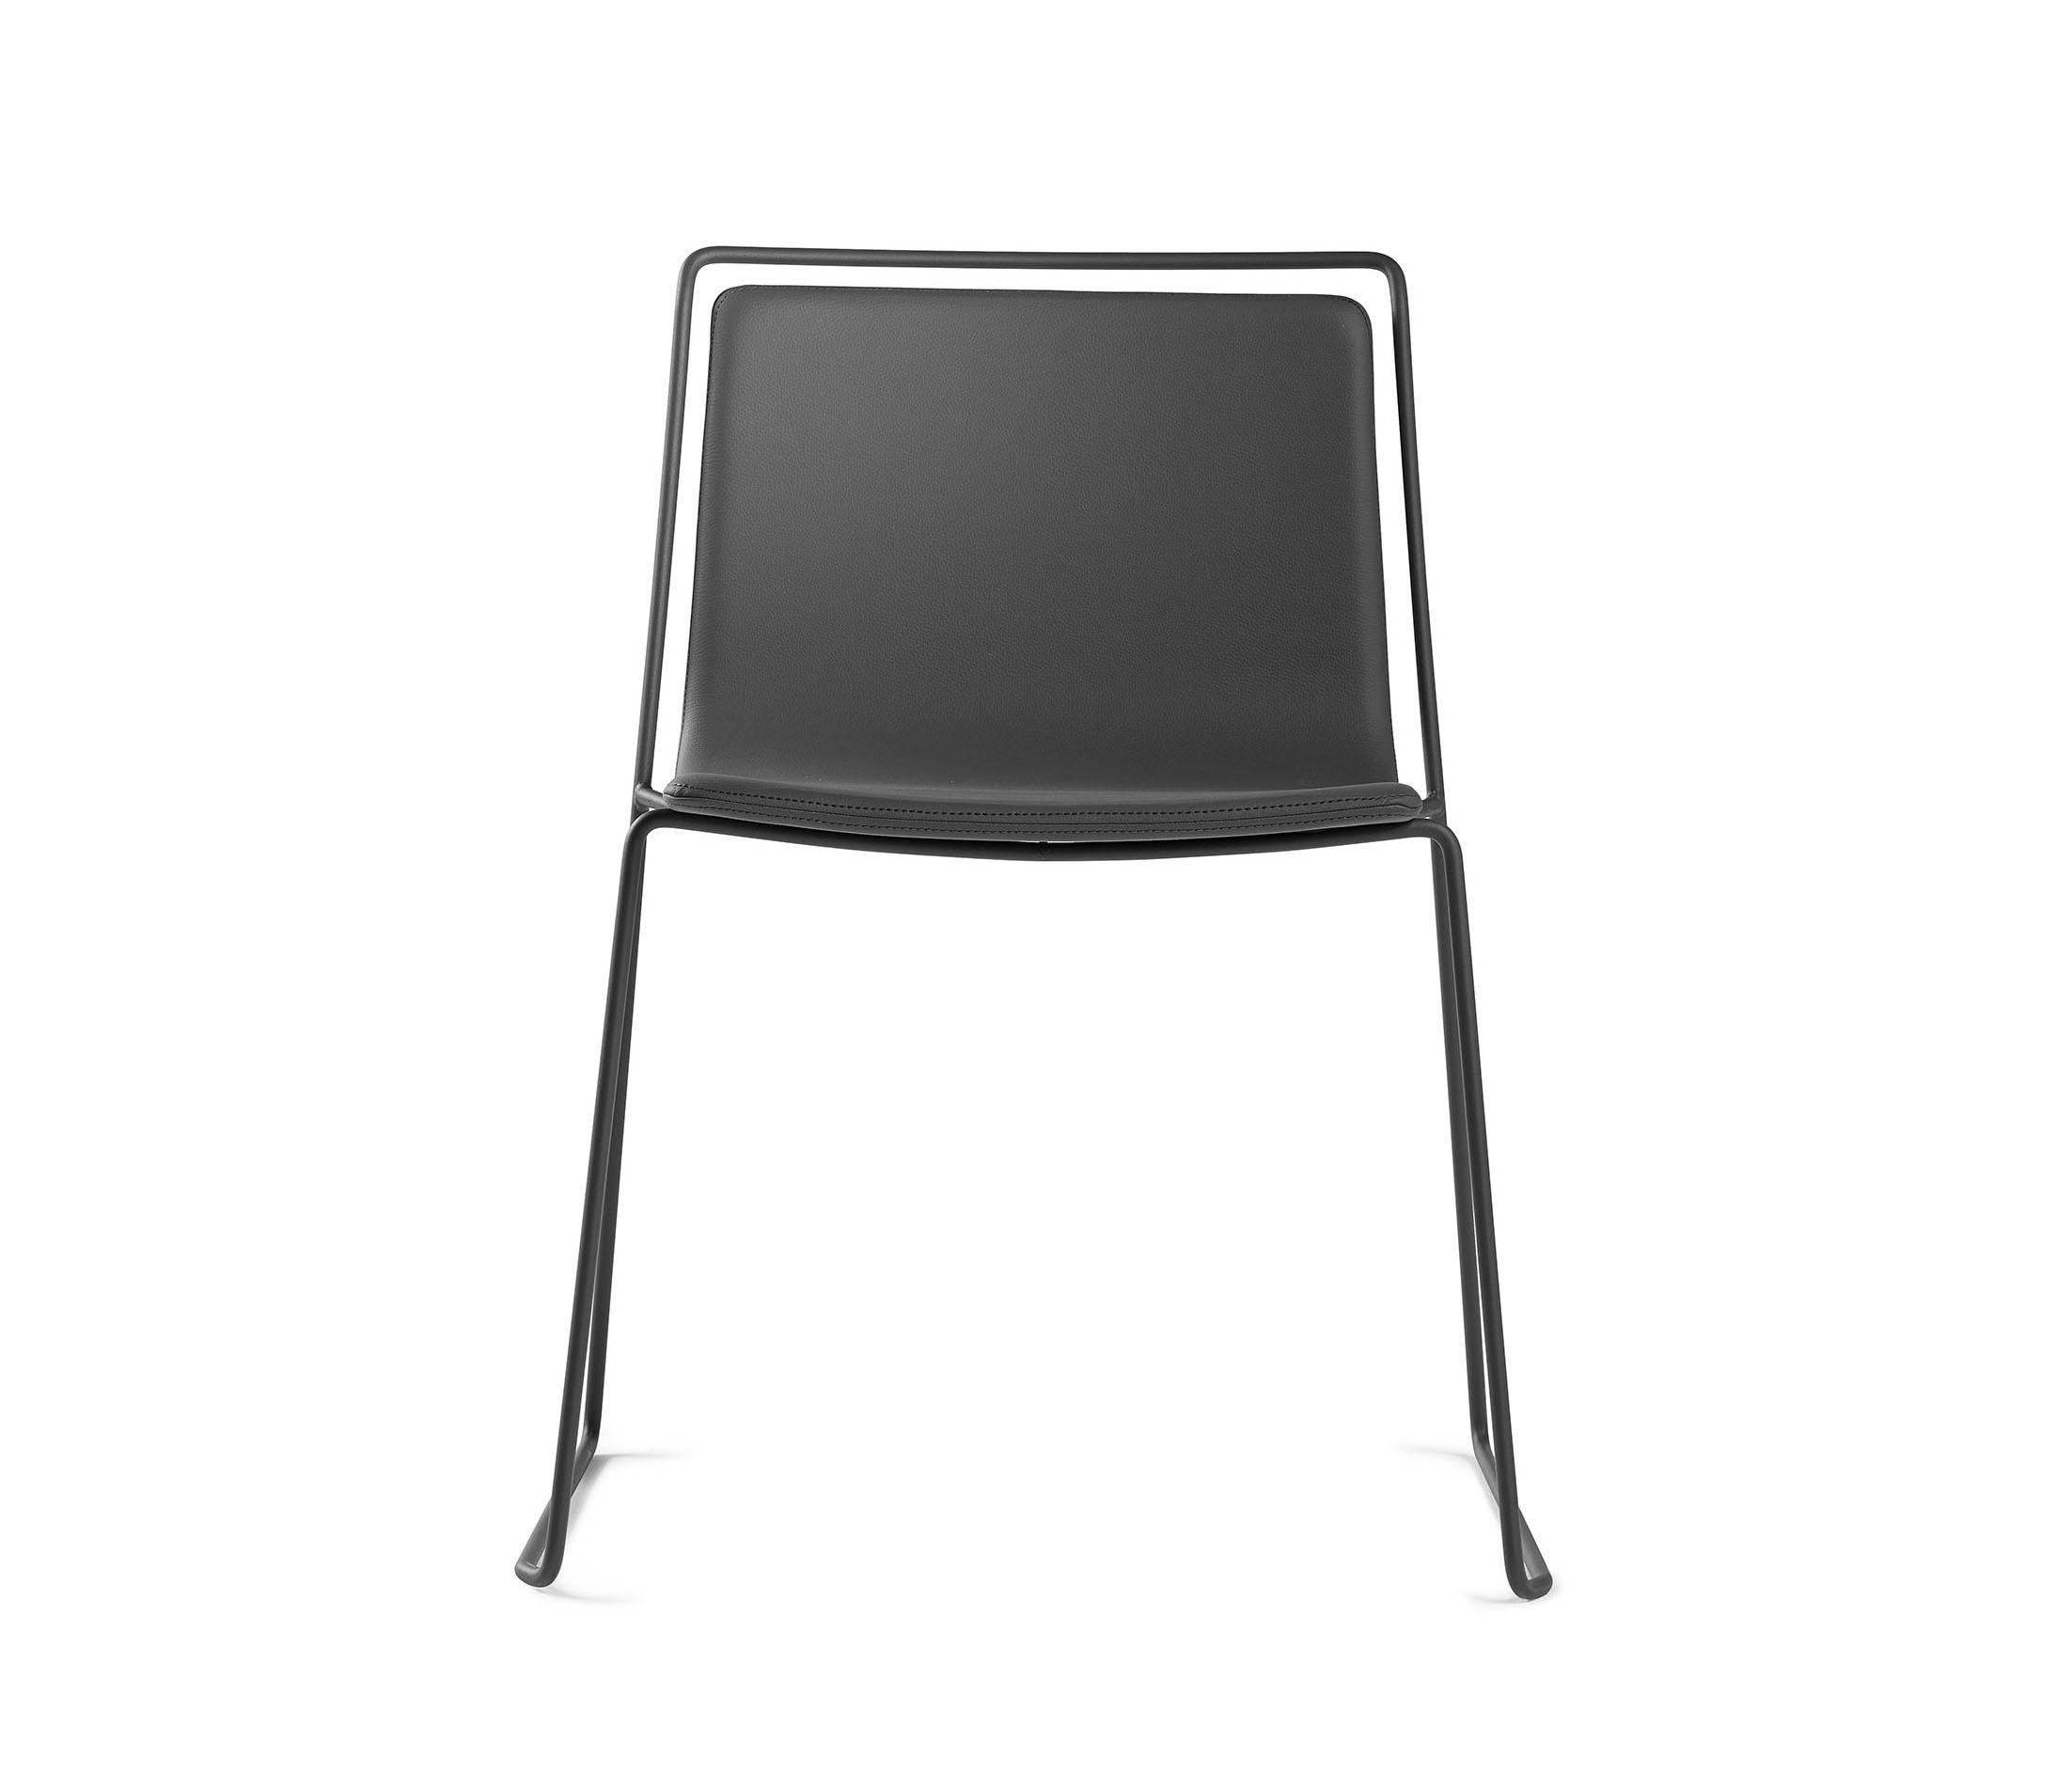 fanback cedar adirondack cropped durawood island straight chair pawleys sunrise xx